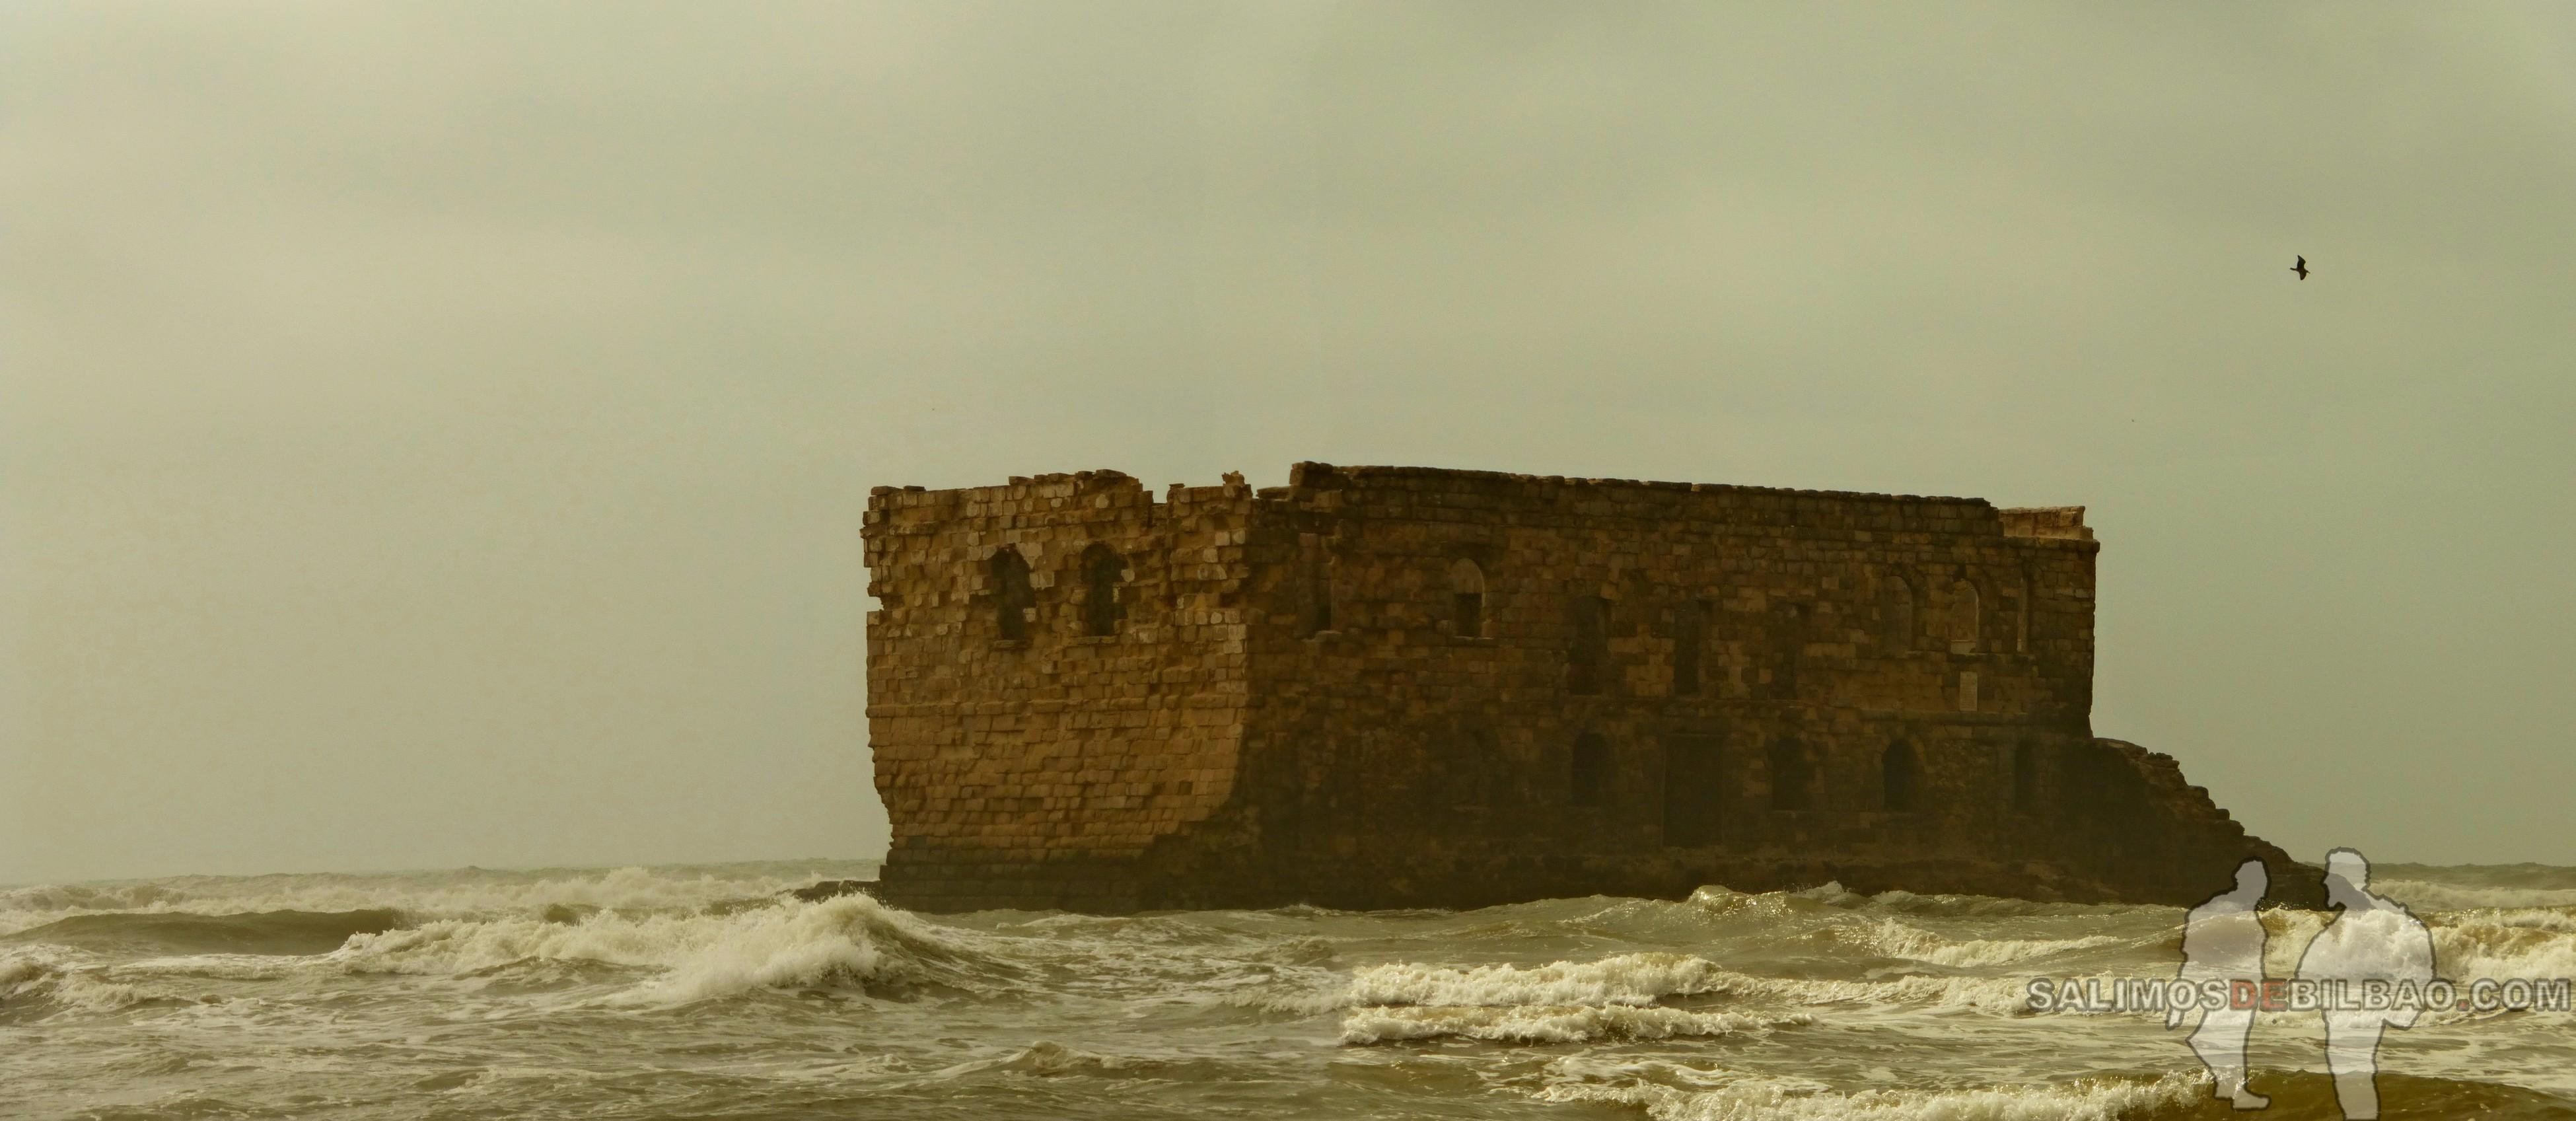 274. Pano, Playa de Tarfaya